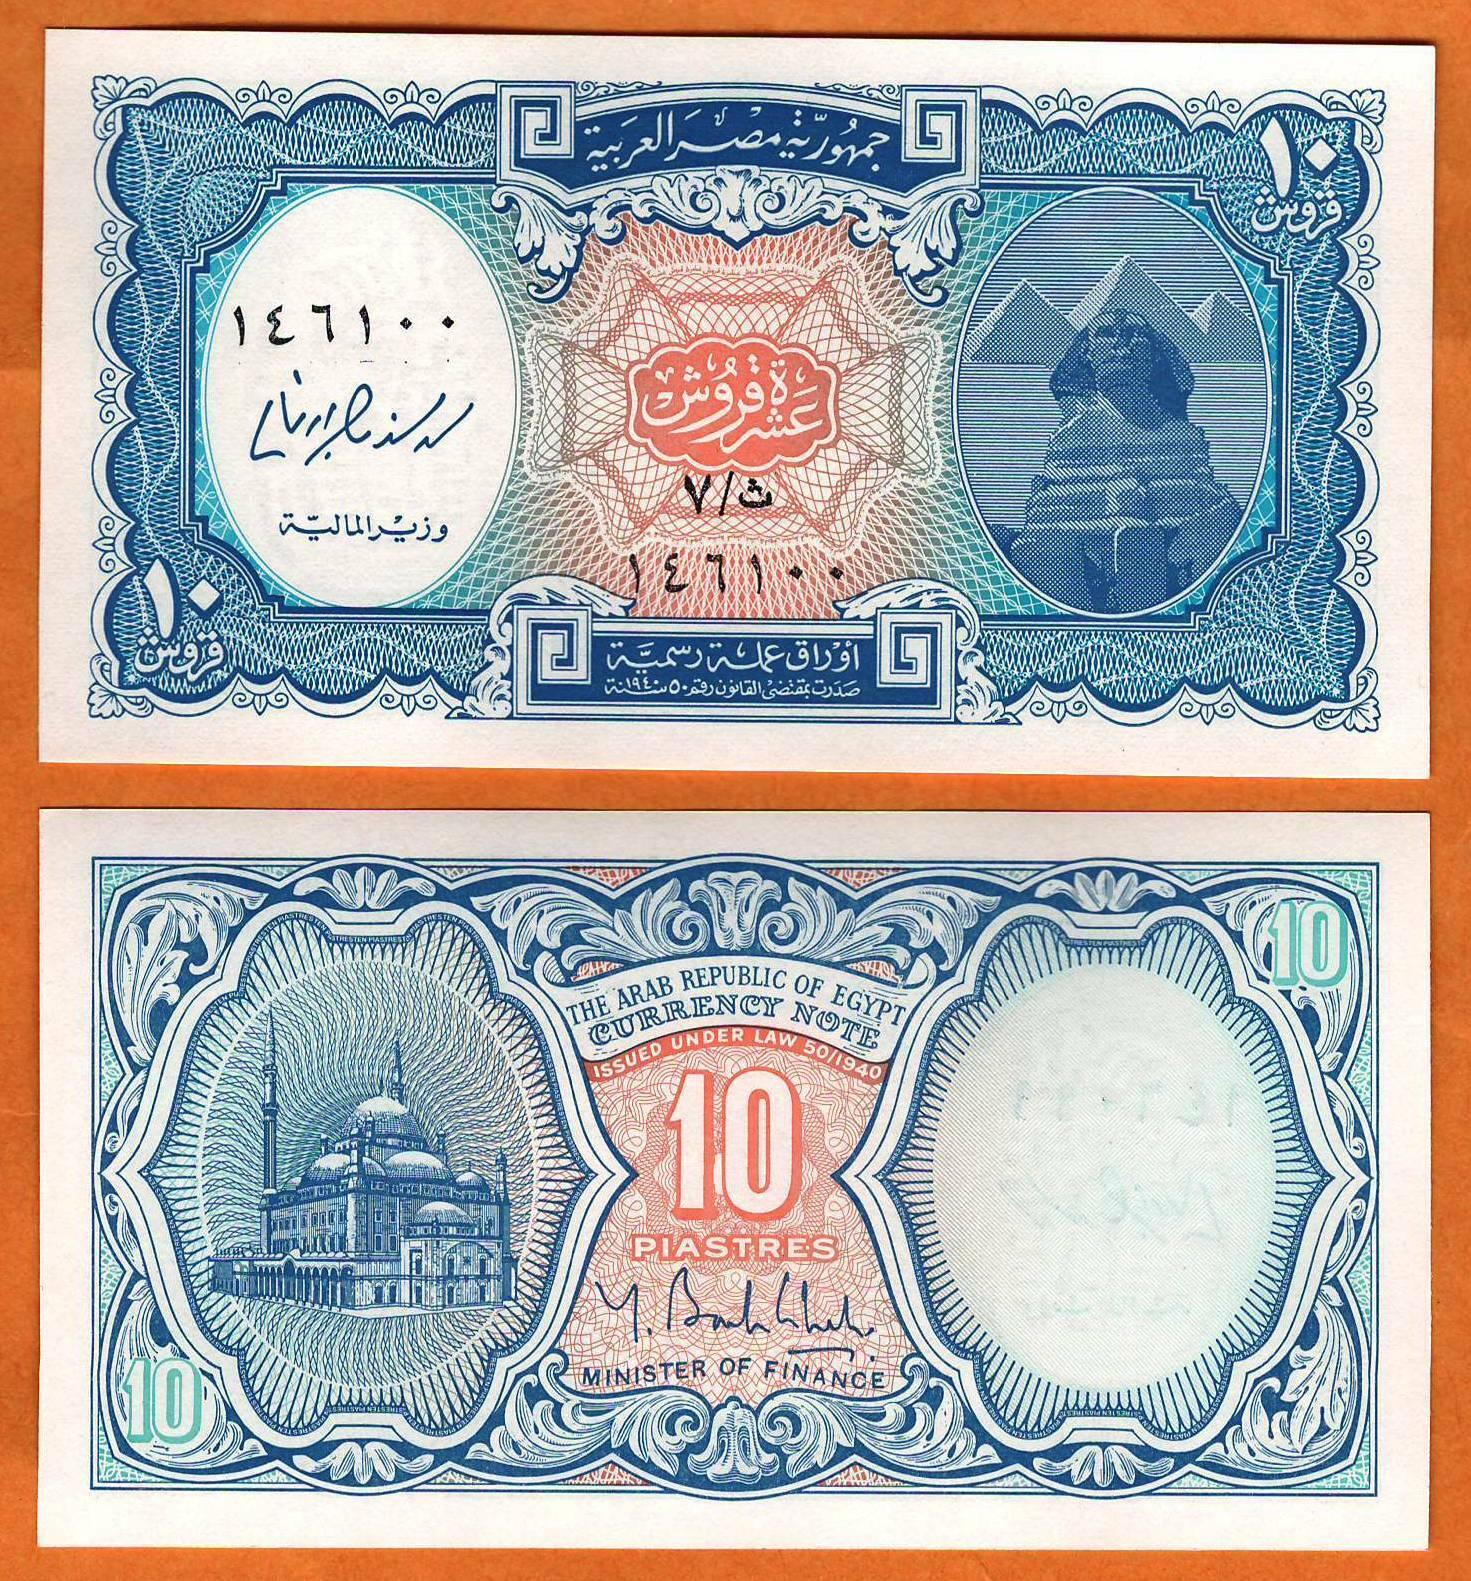 Egypt 10 Piastres 1998 UNC 5 PCS LOT P-189a Blue Colour